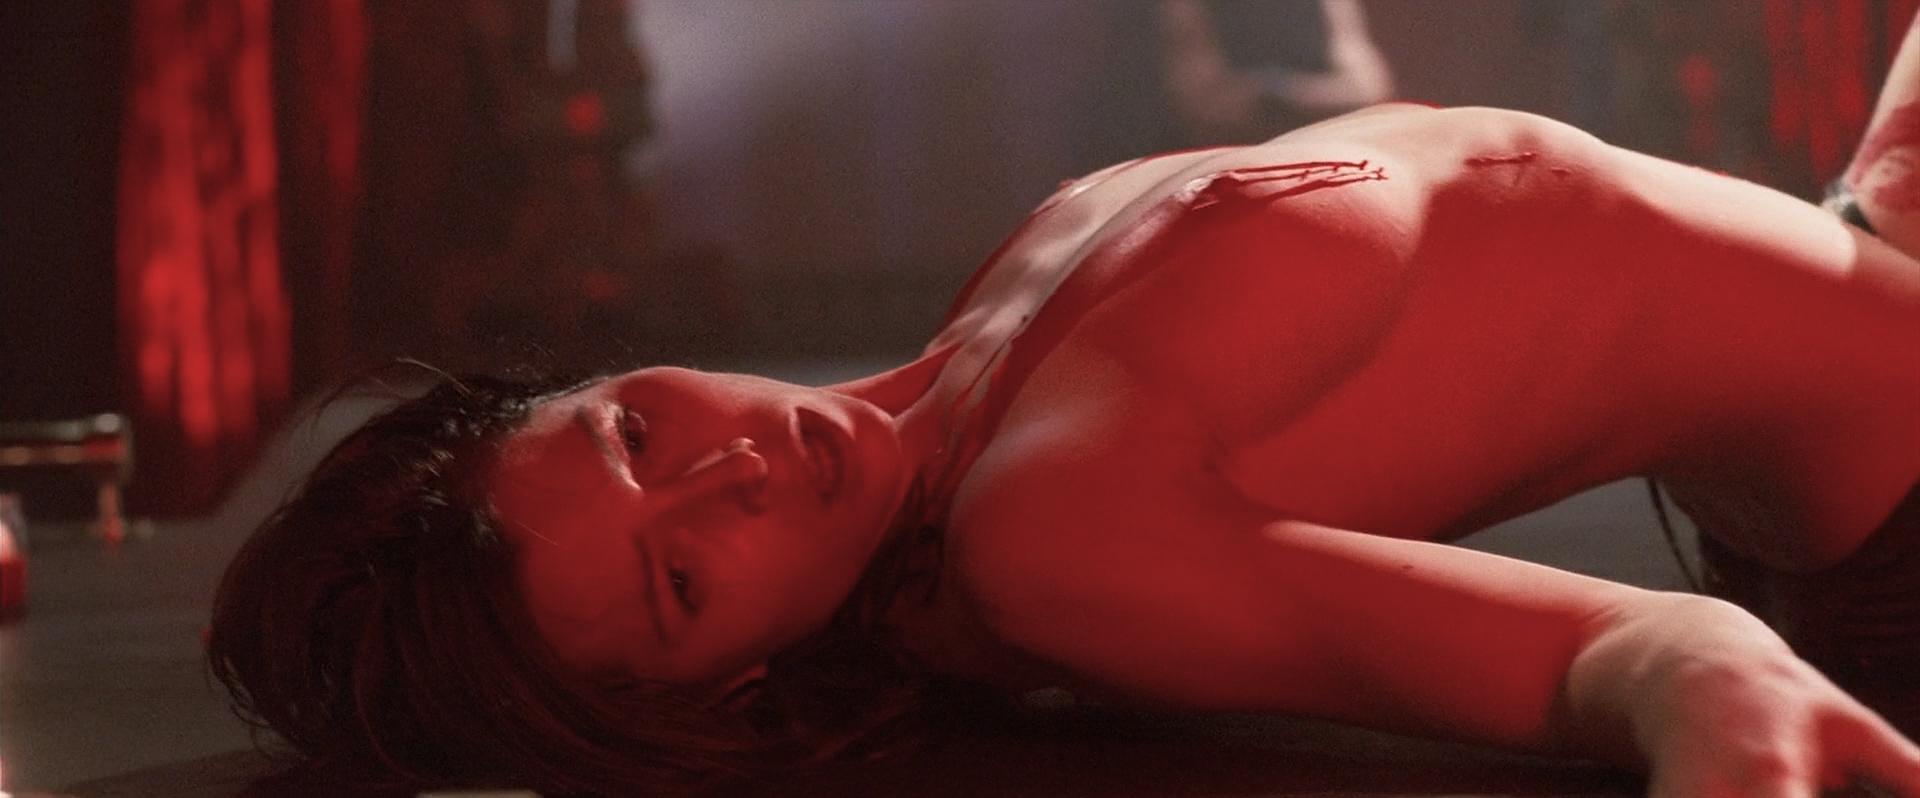 Jessica Biel nude topless ultra hot - Powder Blue (2009) HD 1080p BluRay (18)